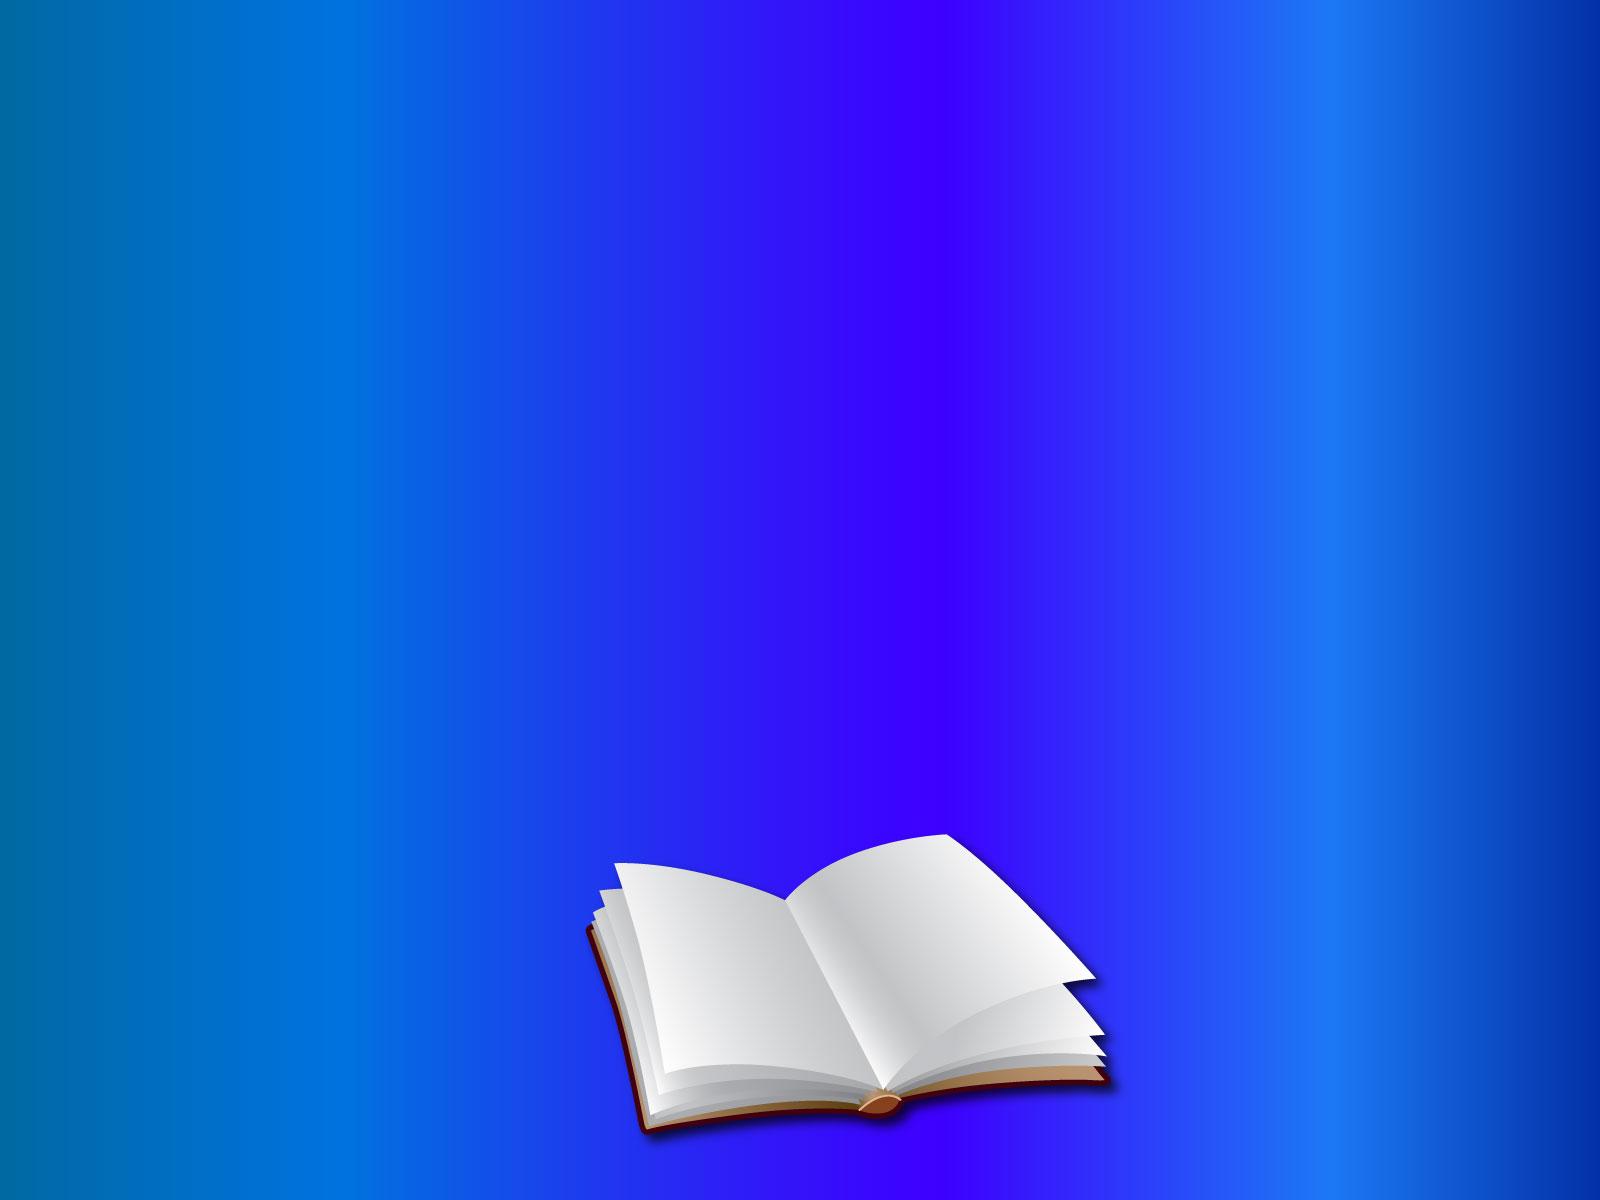 Hình nền powerpoint màu xanh